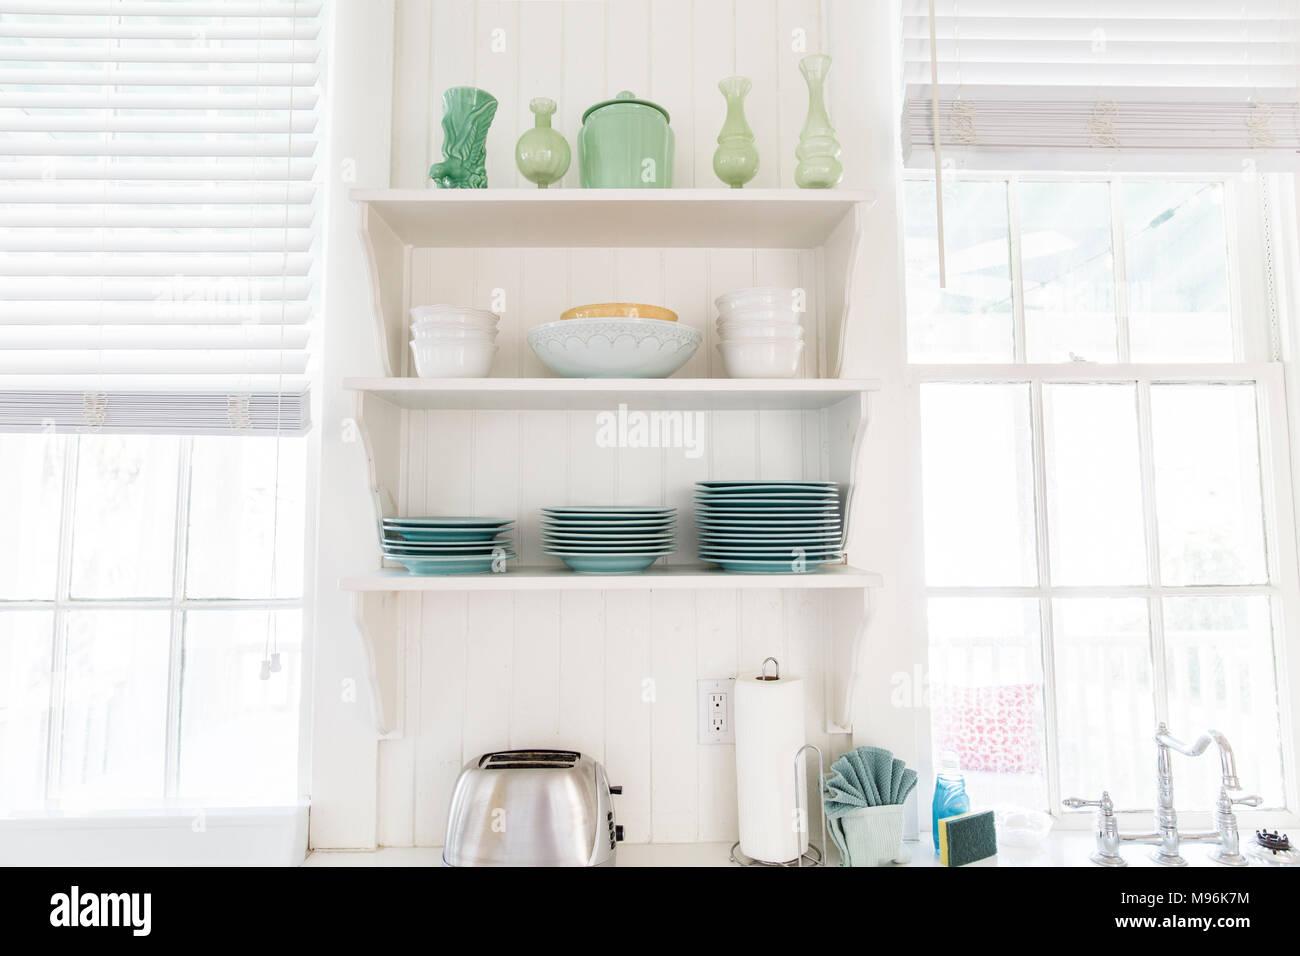 Ripiani di cucina con piastre verde/bocce e tostapane Immagini Stock